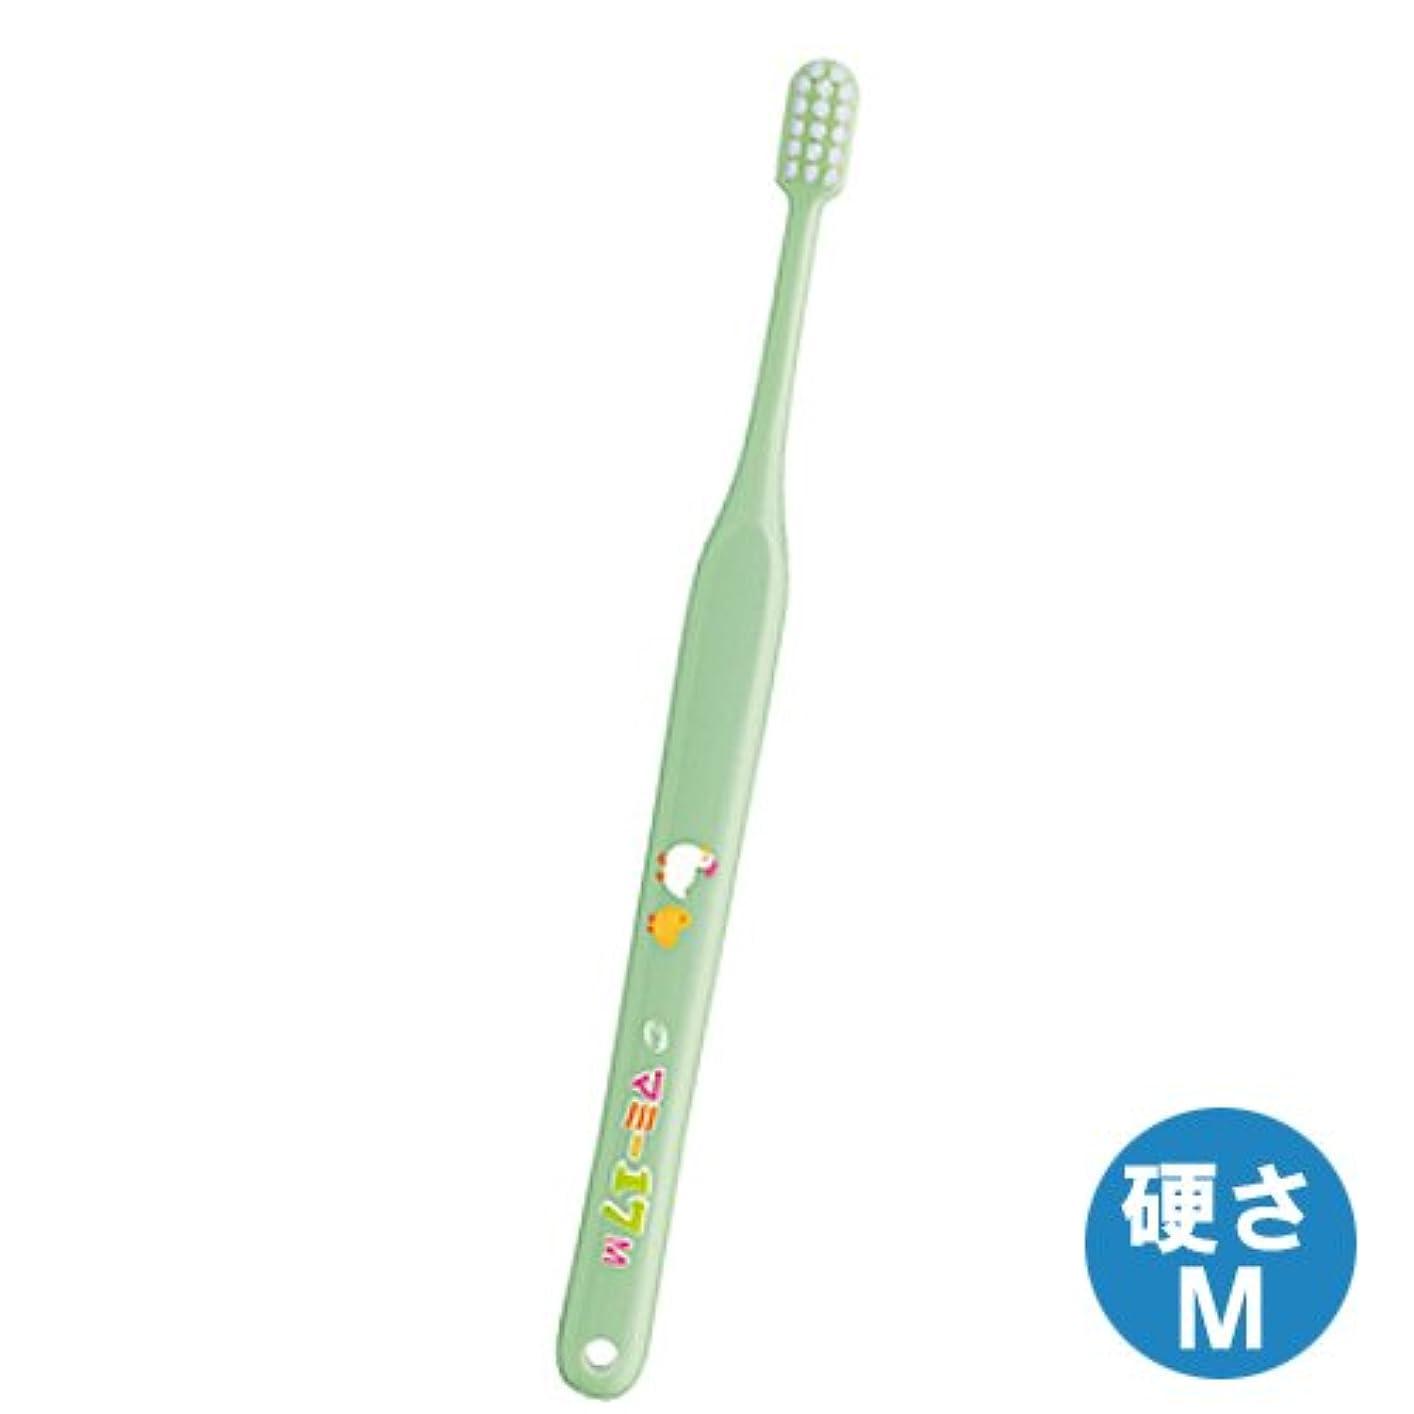 セマフォブロックする鷲マミー17歯ブラシ 1本 ミディアム(M)グリーン